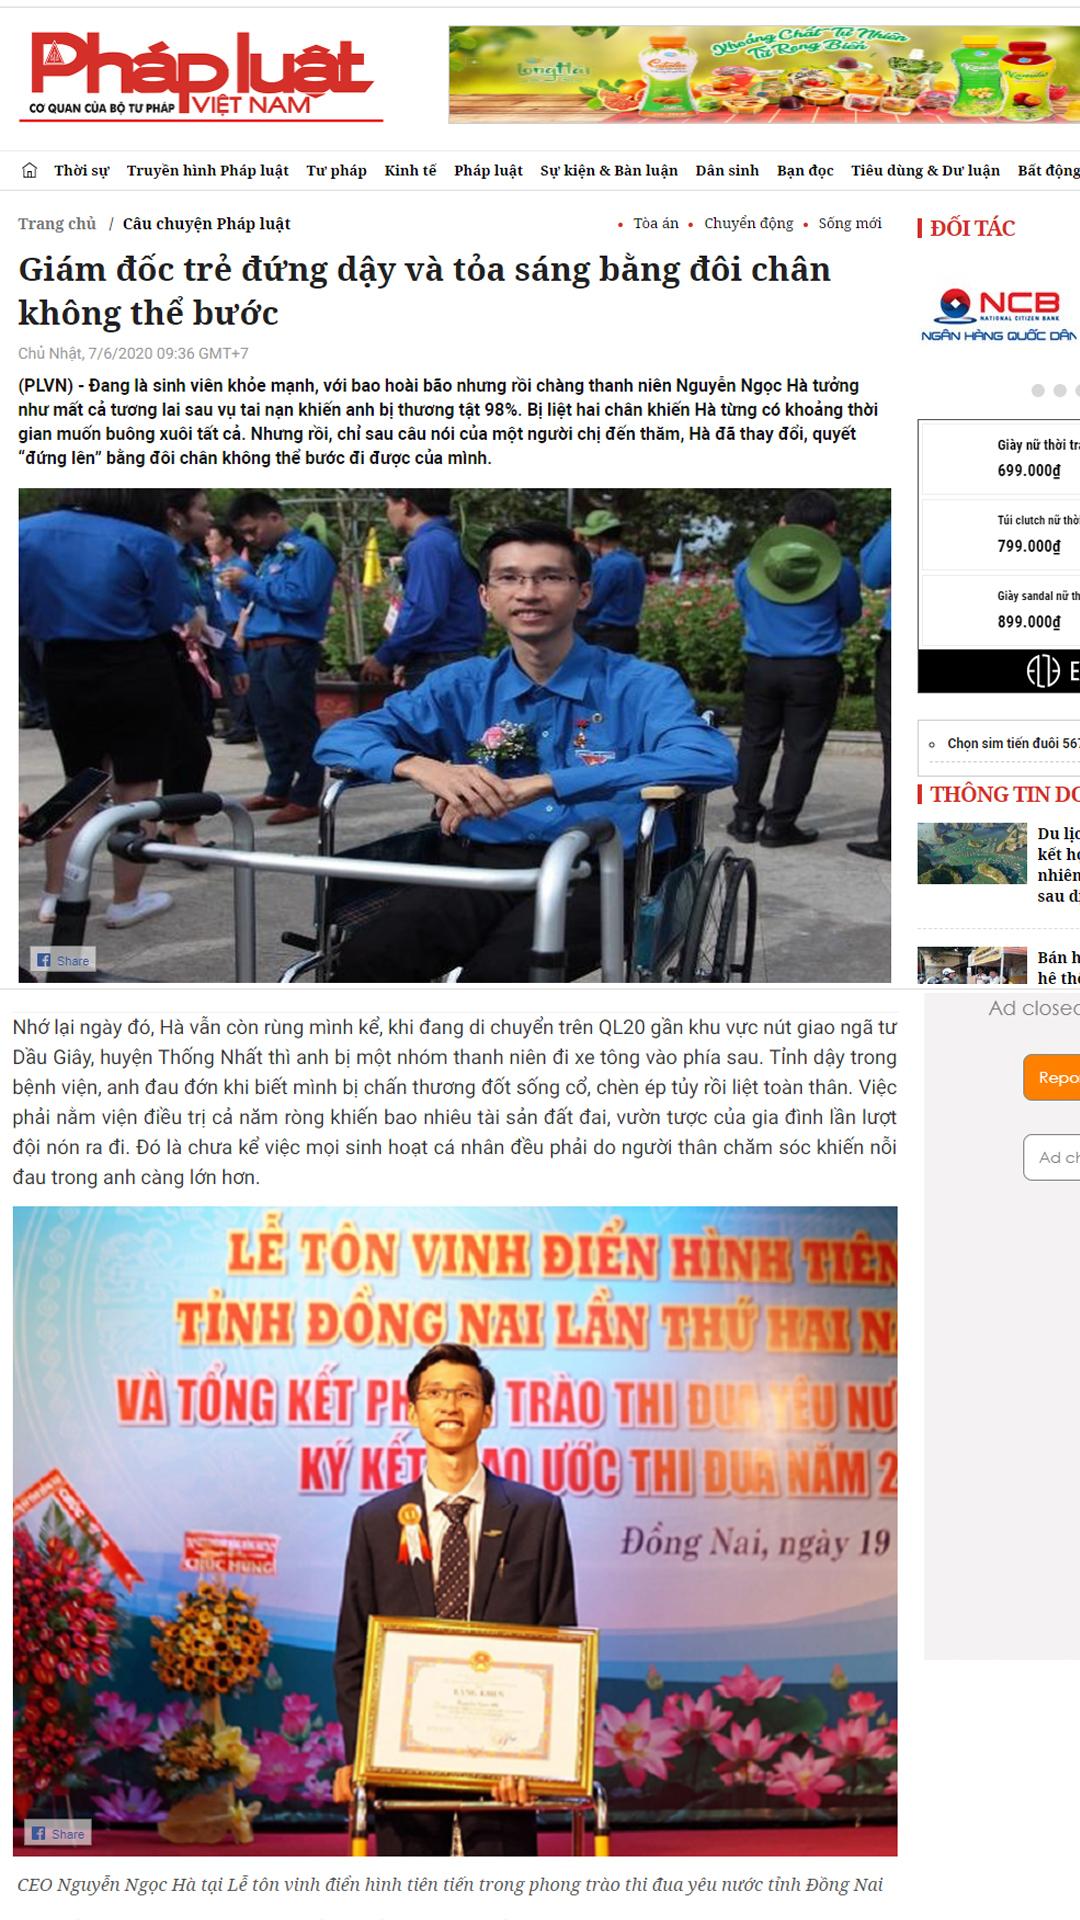 Untitled 1 Báo Pháp Luật VN: Giám đốc trẻ đứng dậy và tỏa sáng bằng đôi chân không thể bước